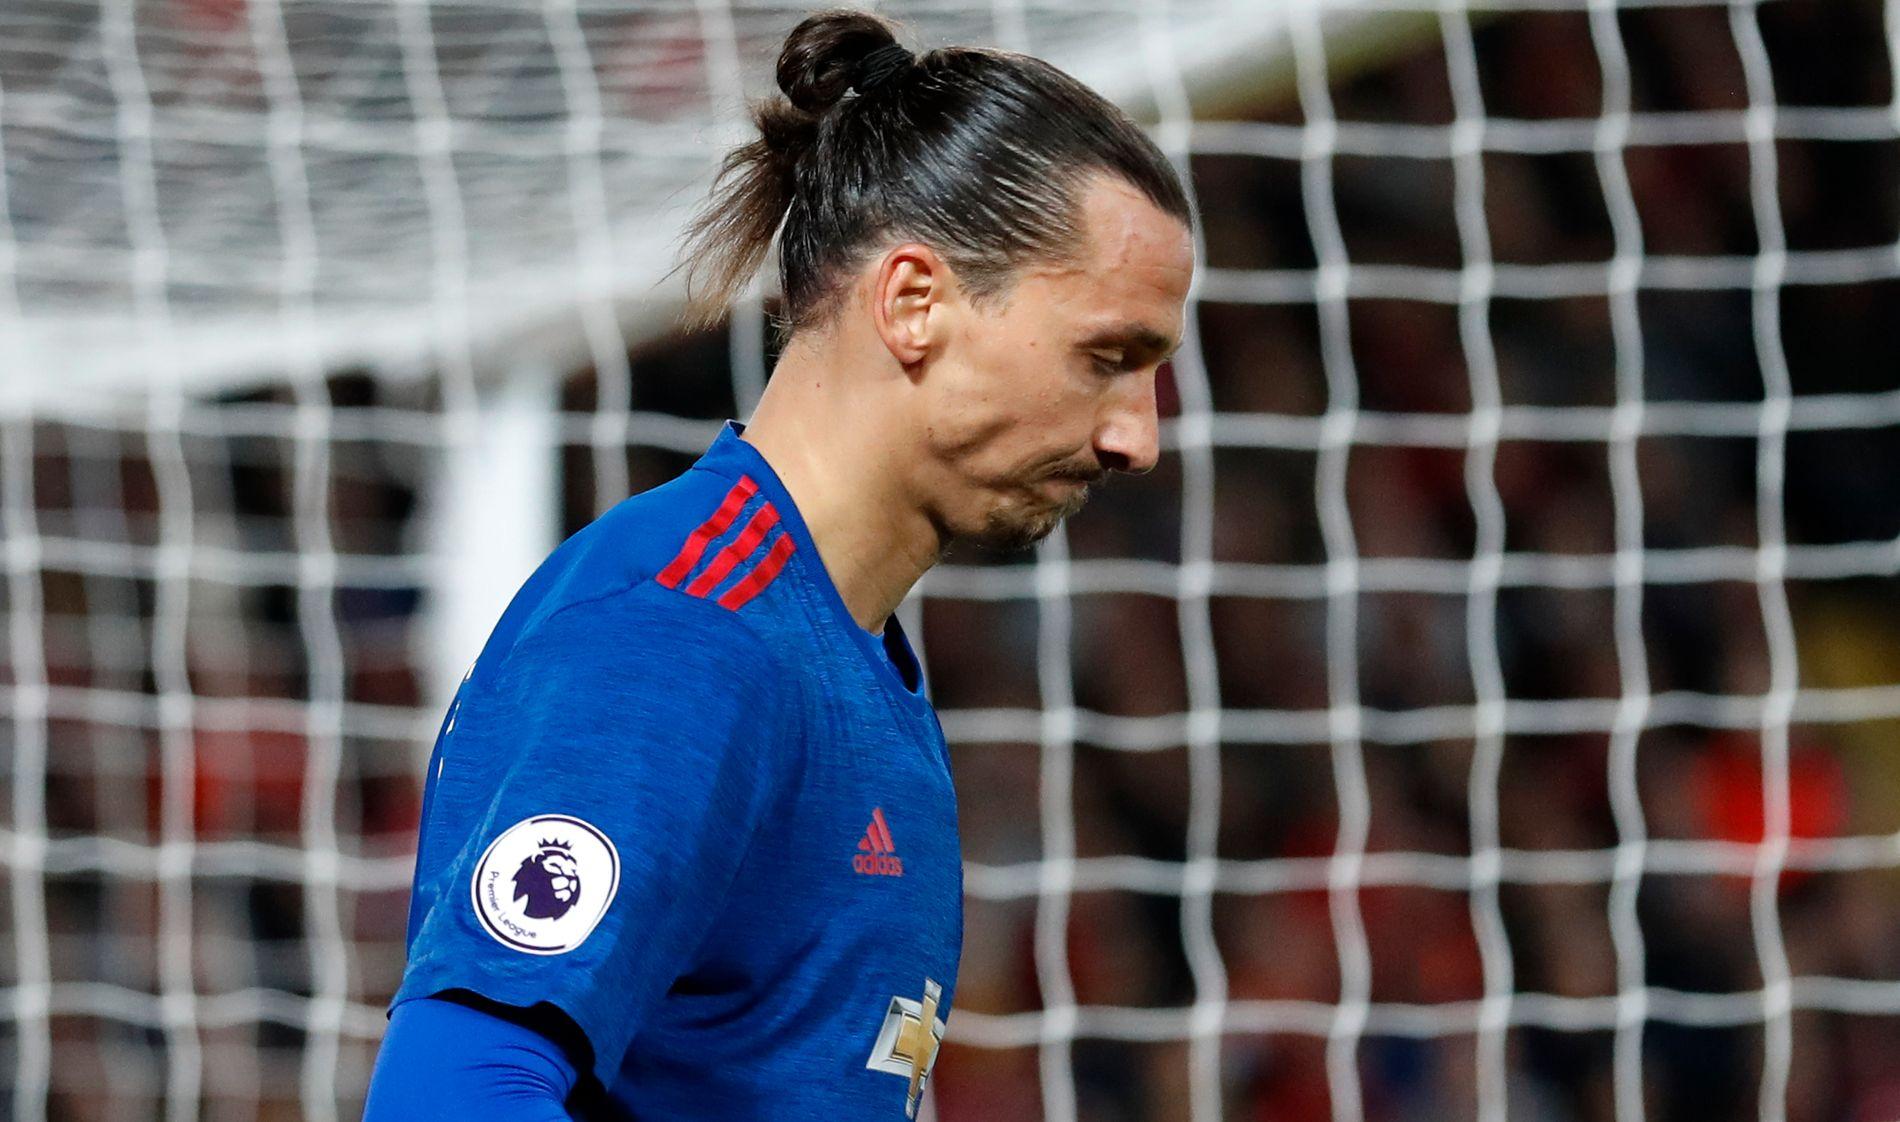 NEDSLÅTT: Zlatan Ibrahimovic  ser bekymret ut etter å ha misbrukt en målsjanse i borteoppgjøret mot Liverpool i forrige uke. Matchen endte 0-0.